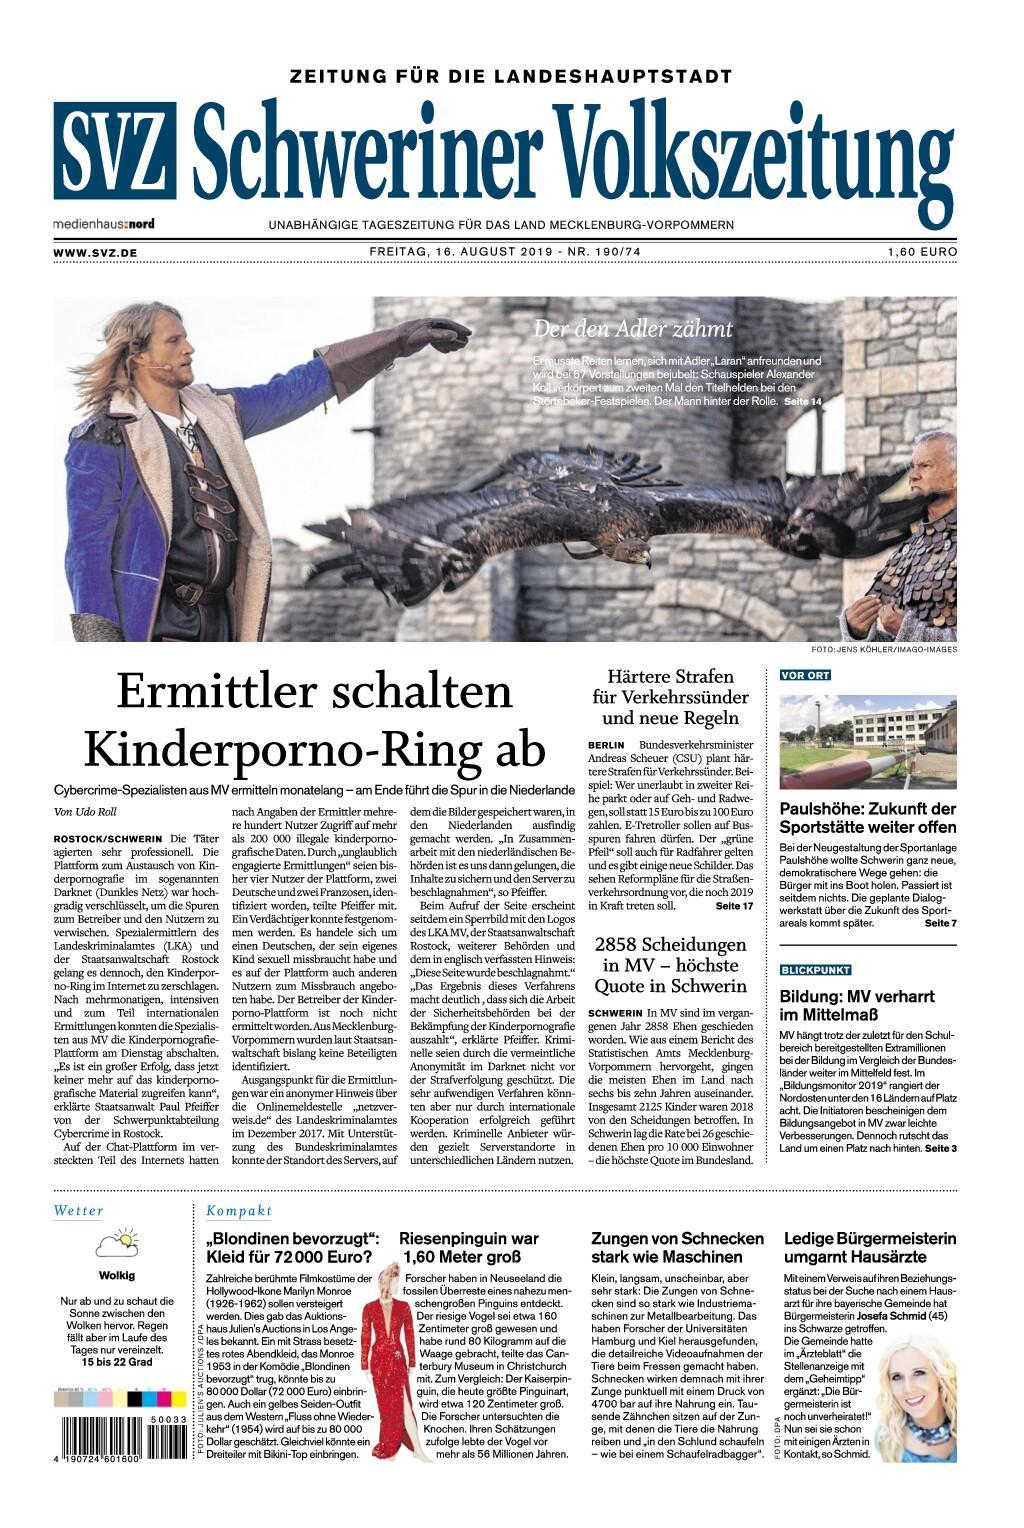 Schweriner Volkszeitung Zeitung für die Landeshauptstadt - 16. August 2019